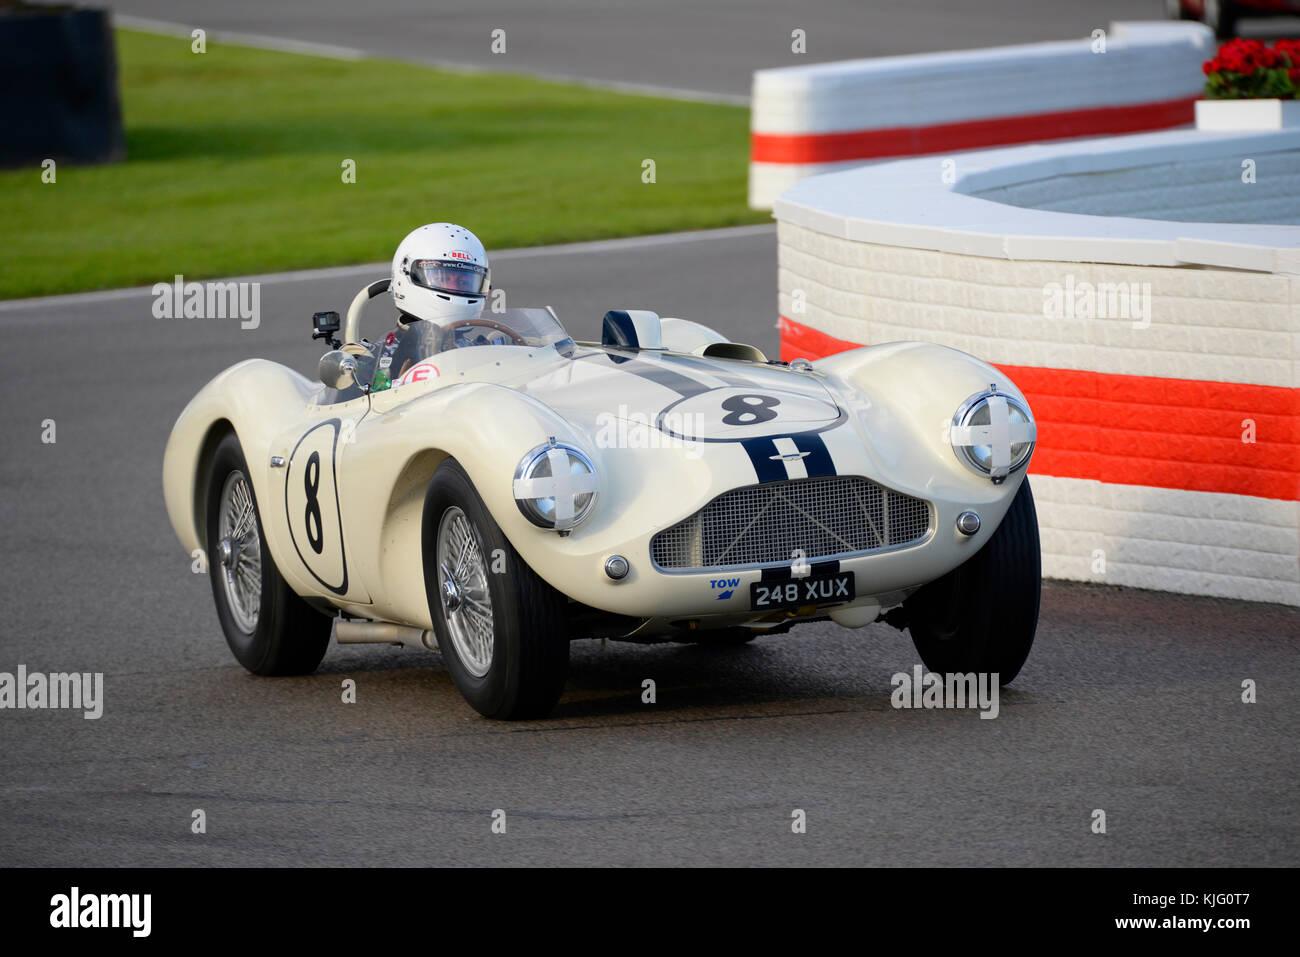 1954 Aston Martin DB 3 s im Besitz und unter der Leitung von Gregor fisken Racing in Goodwood Revival 2017 angetrieben. Stockbild